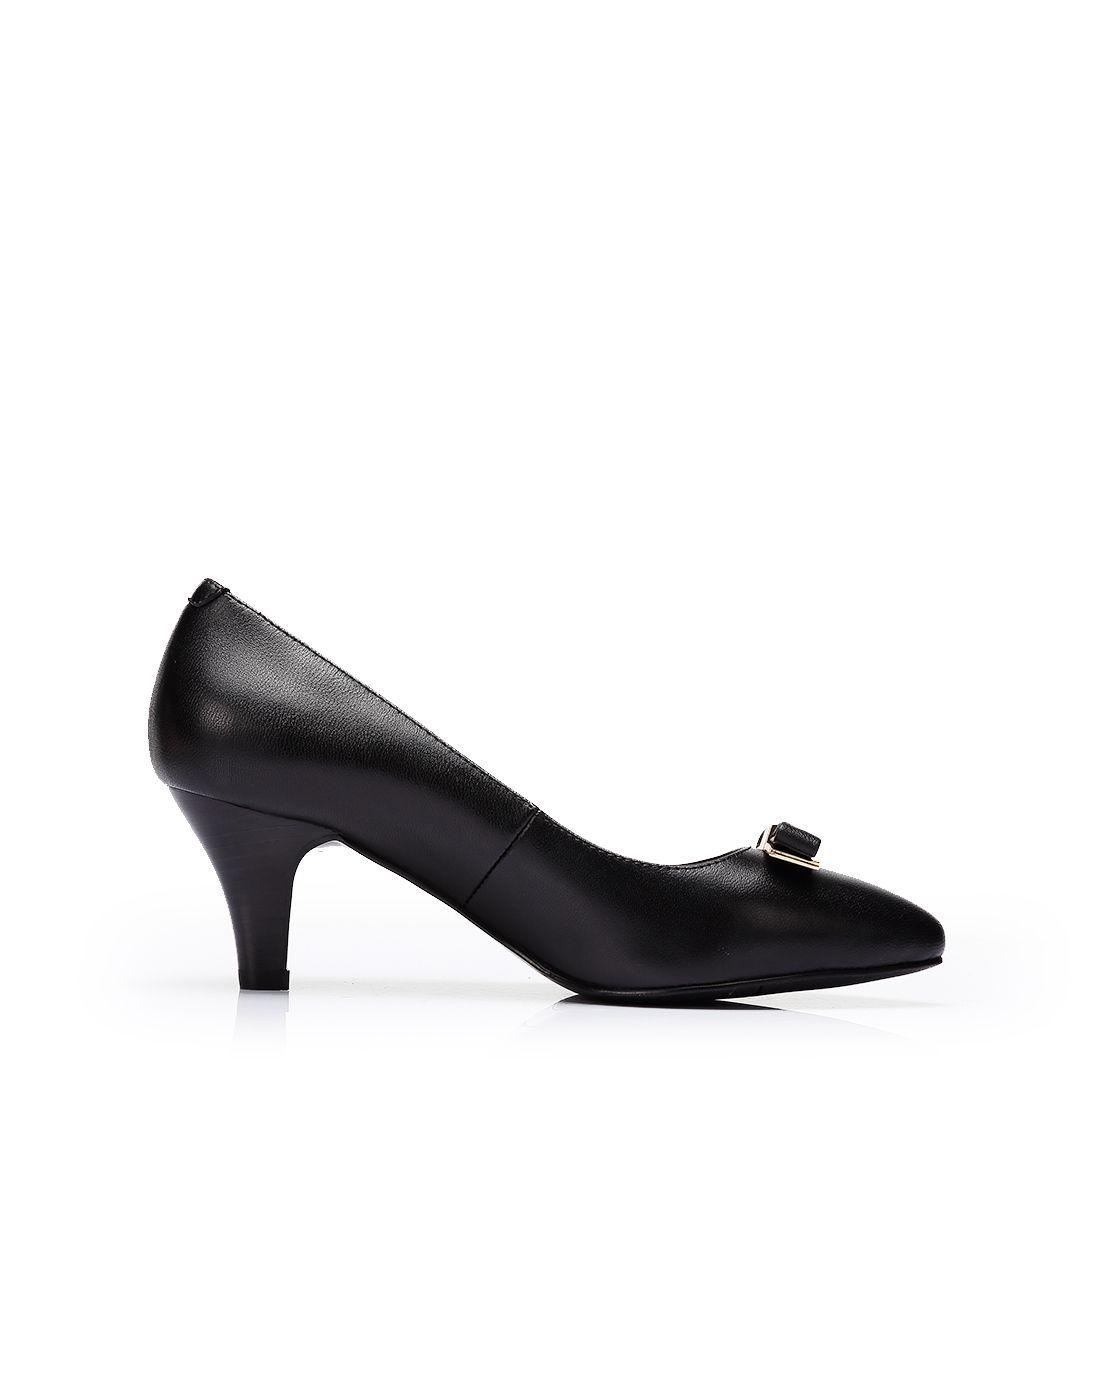 2016春款黑色羊皮蝴蝶结尖头高跟单鞋